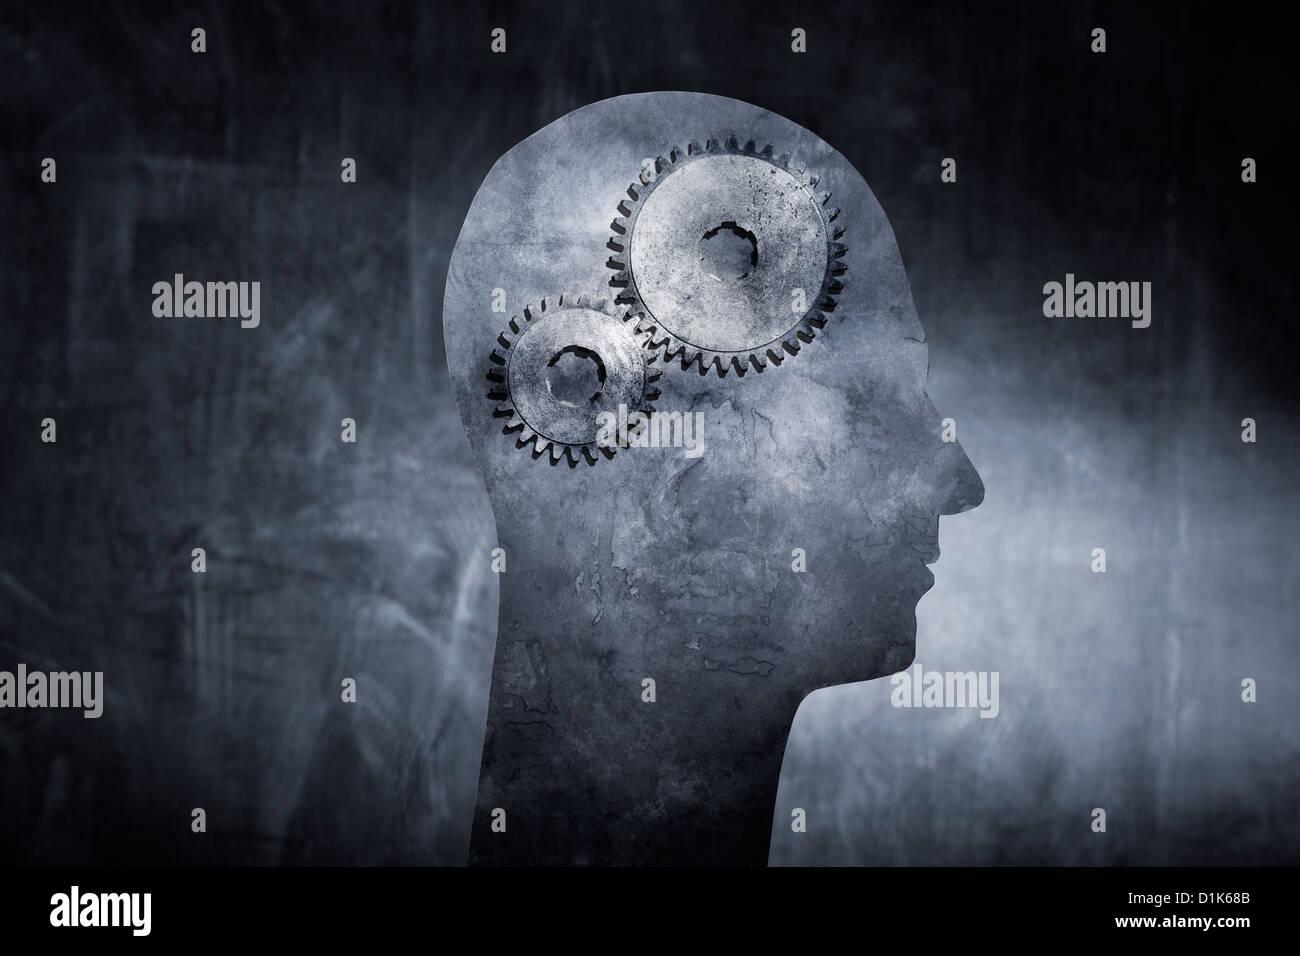 Konzeptbild eines Kopfes mit Zahnrad Zahnräder als Gehirn. Stockbild